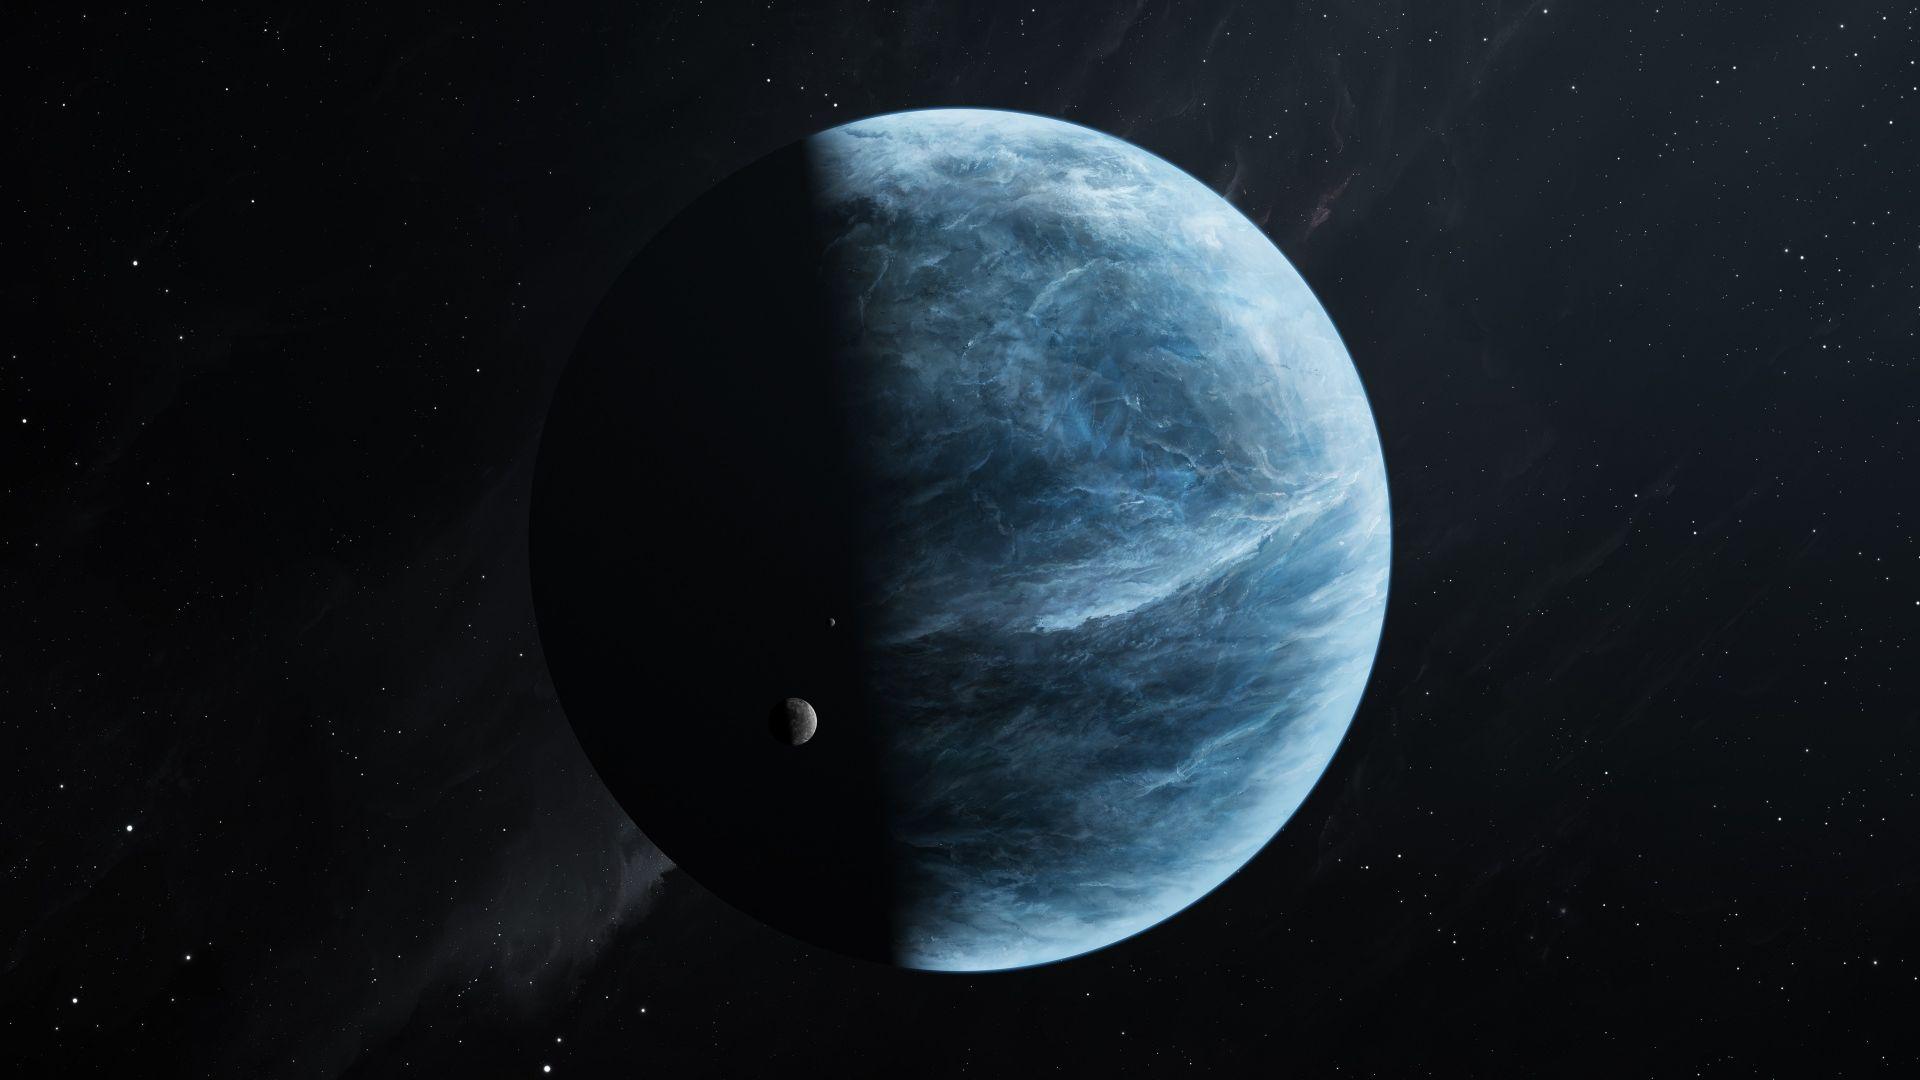 Ocean Terre Espace 1920x1080 10 000 Fonds D Ecran Hd